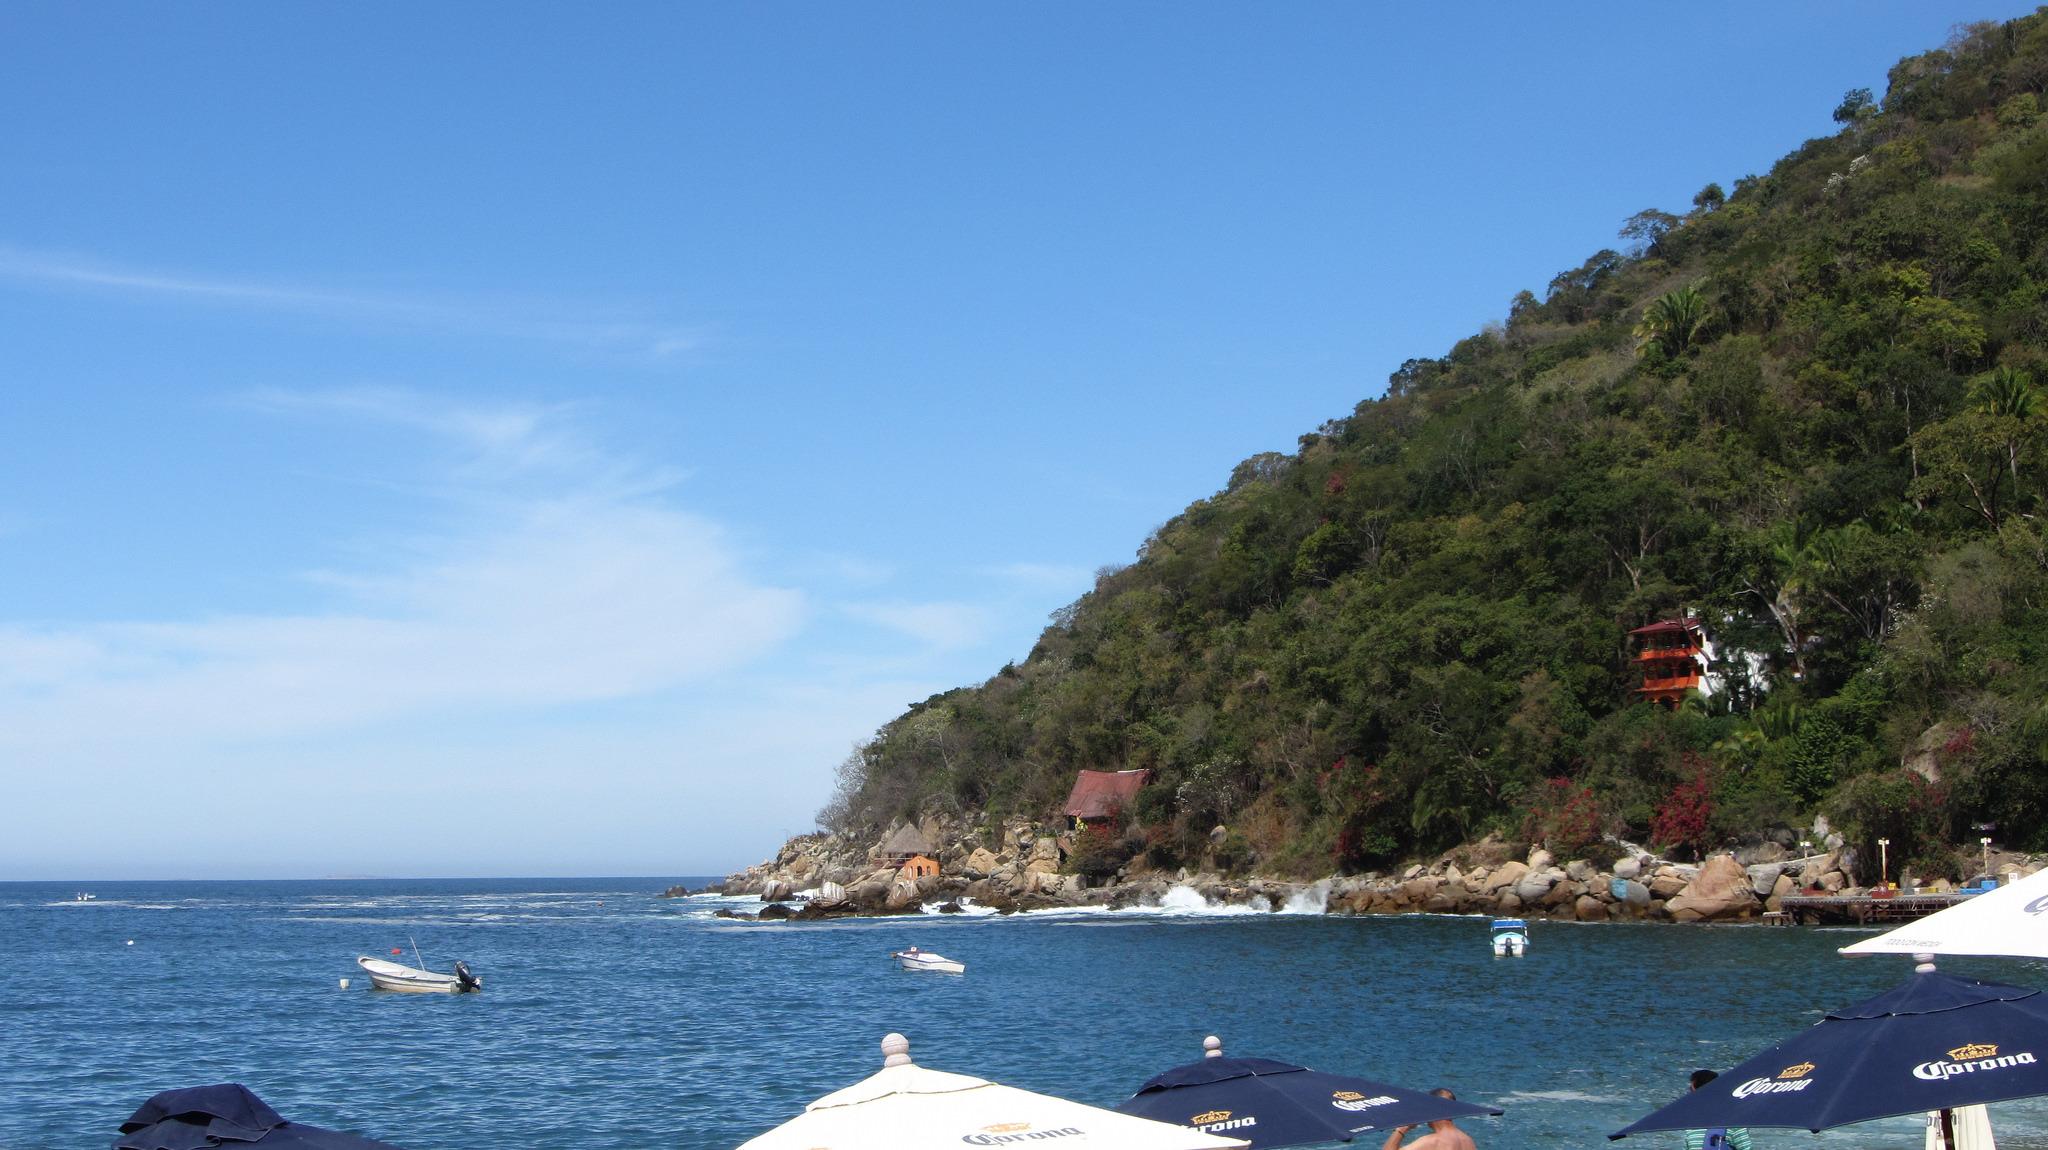 Yelapa bay in Mexico